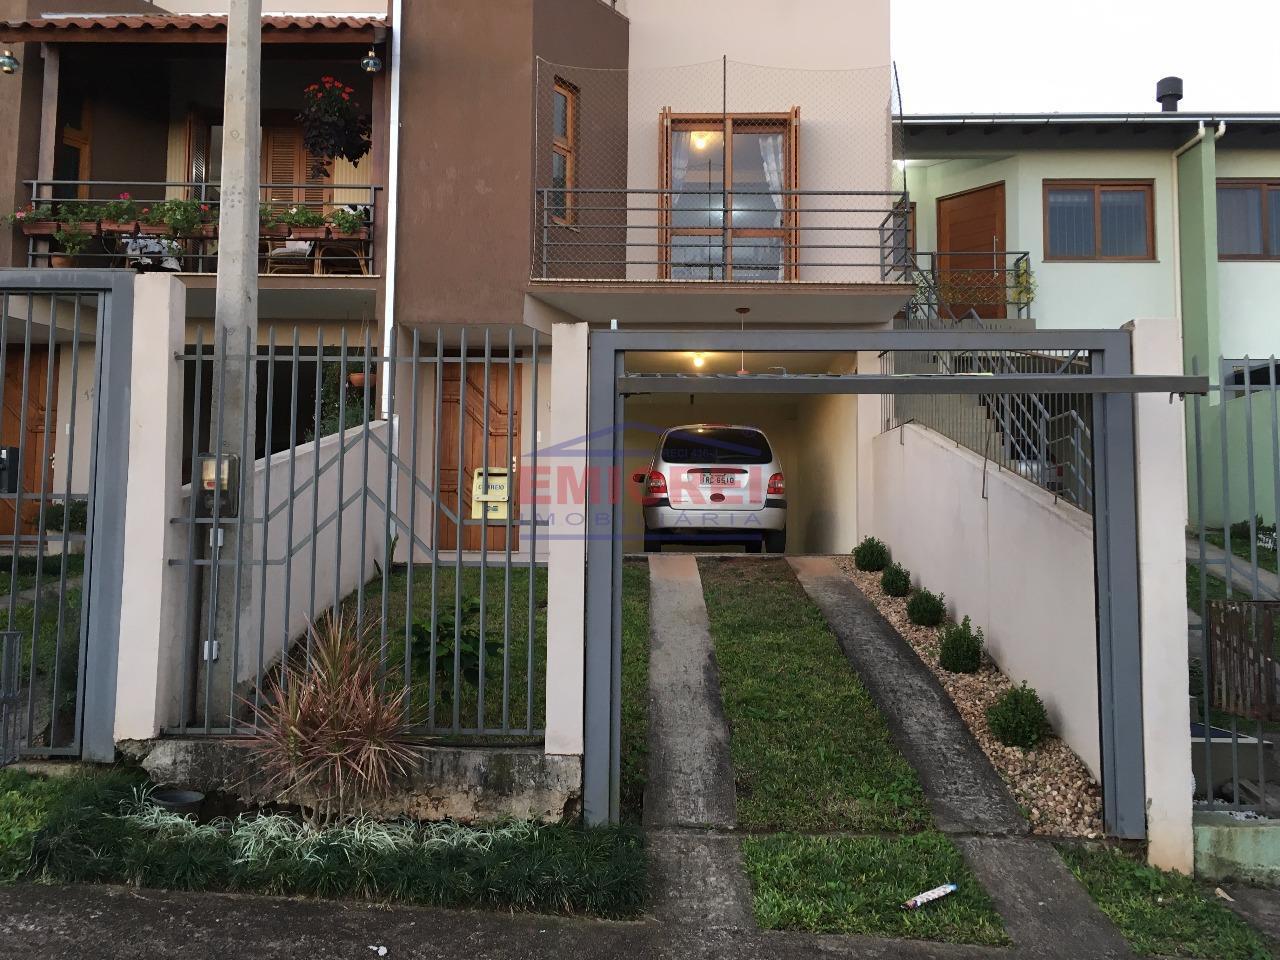 Emicrei vende. Sobrado 2 dormitórios, 2 sacadas, lavabo, vista panorâmica, ótimo acabamento e garagem. Santo André, São Leopoldo